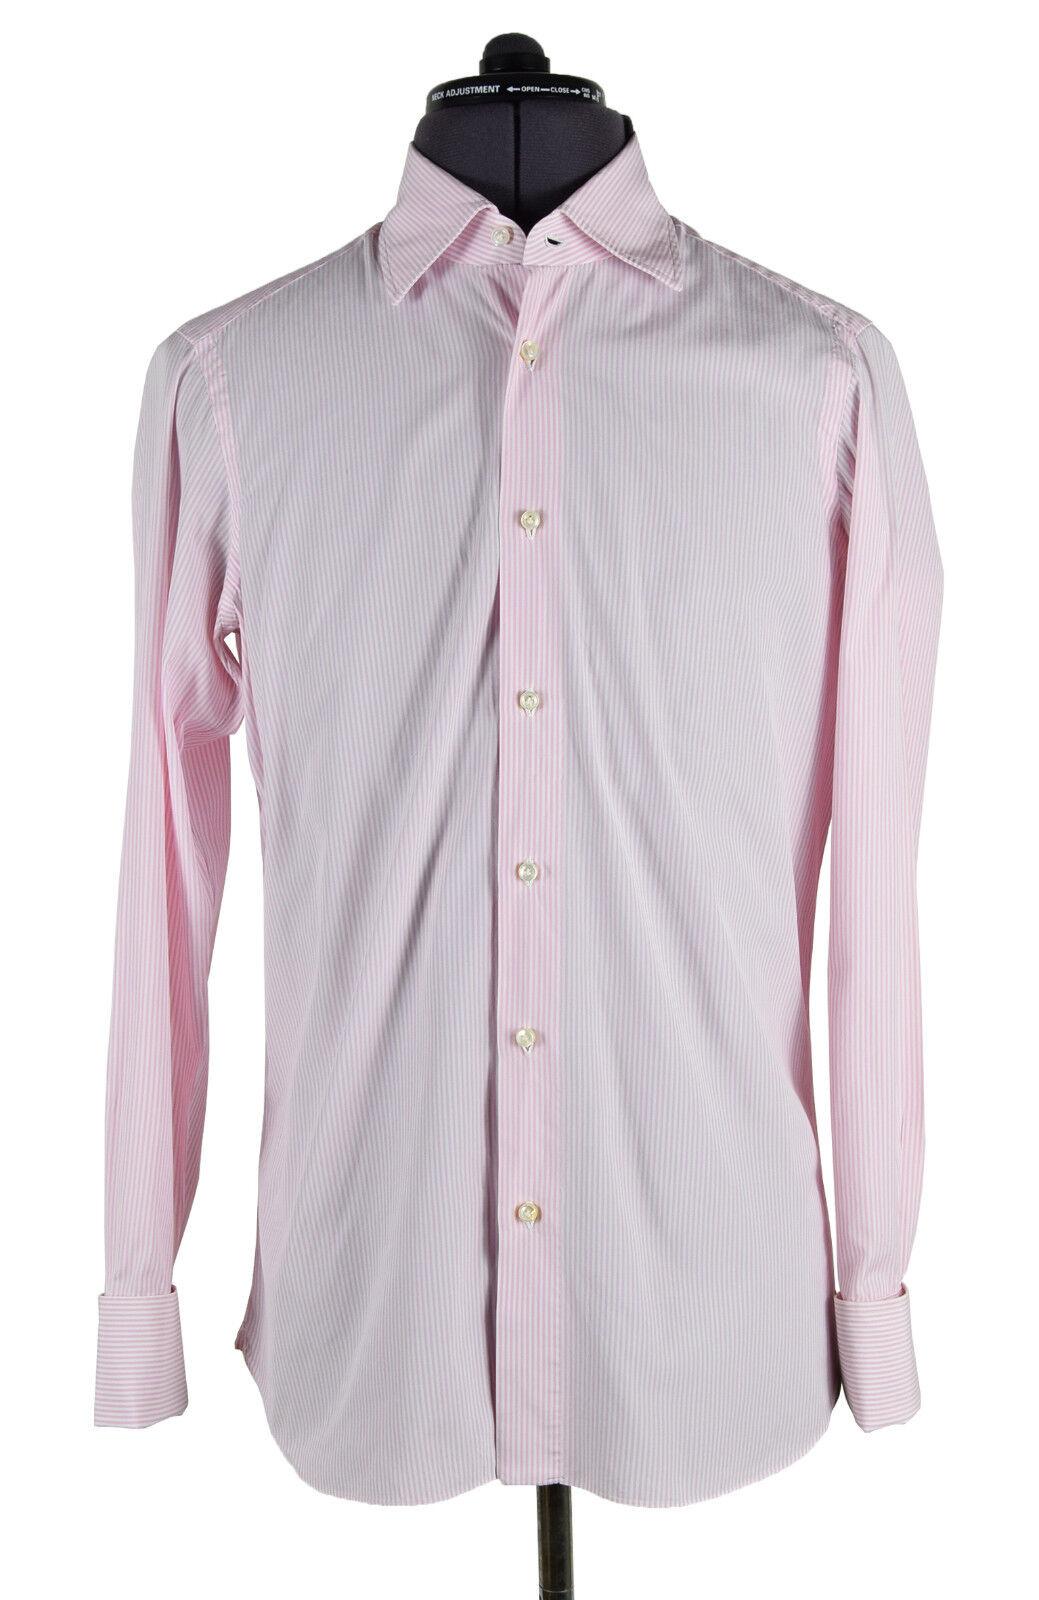 Cotton Ripense Hand Stitched Herren Cotton  Formal Shirt Beskope 59ecfb